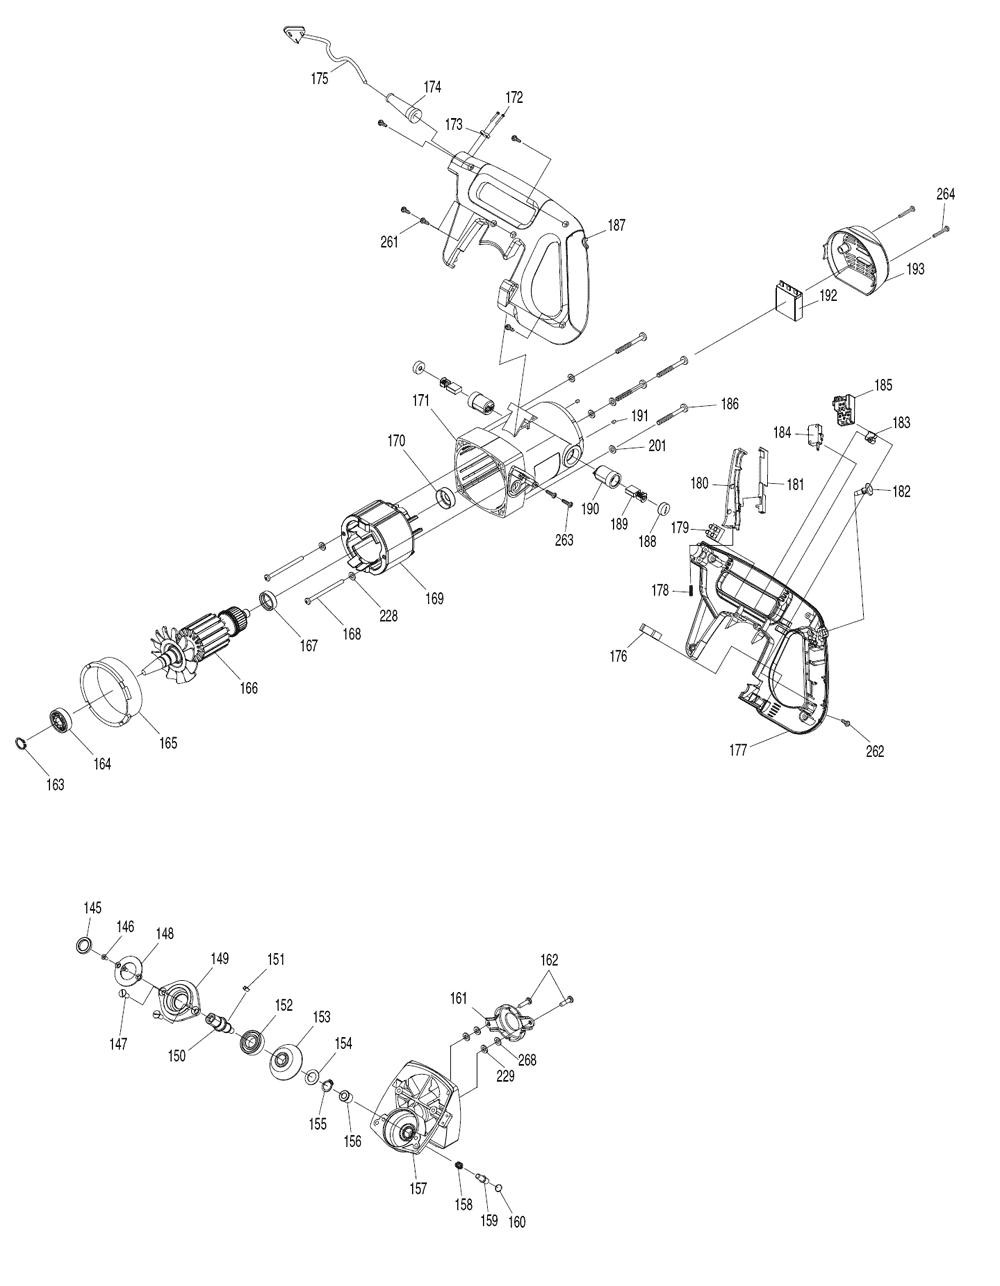 LS1018L-Makita-PB-5Break Down